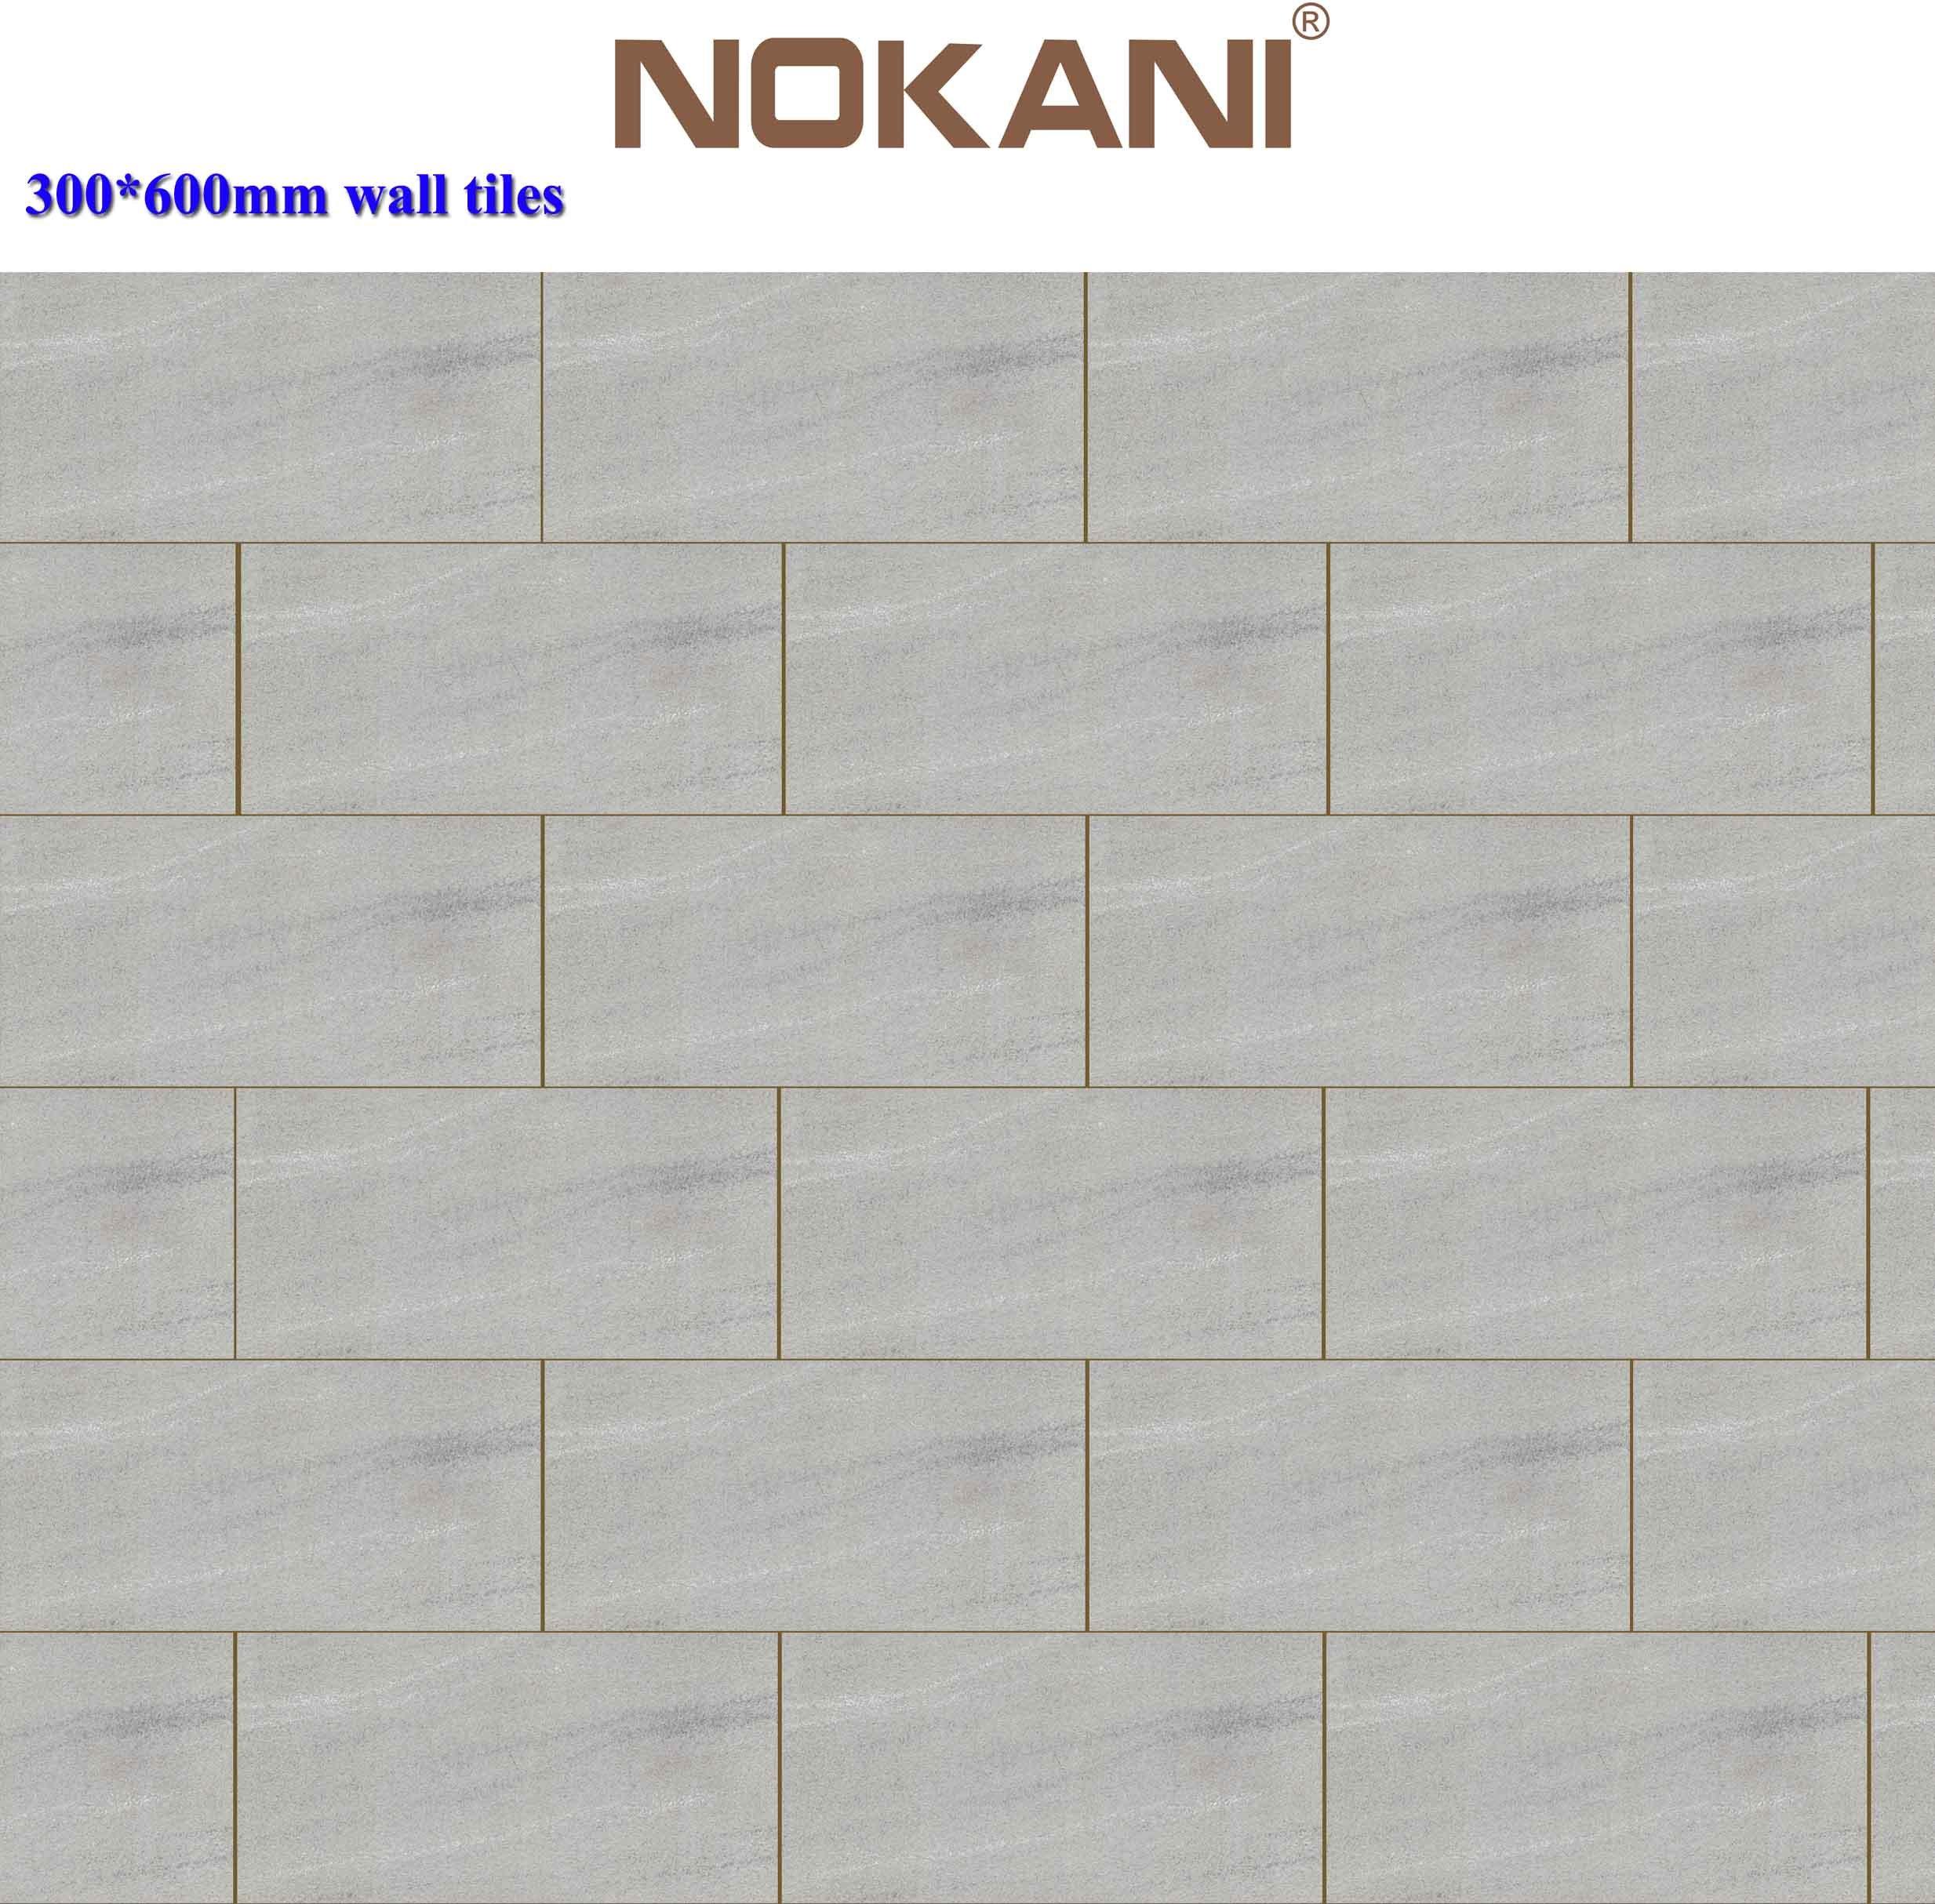 Ceramic Facing Tiles, Facing Brick for External Wall